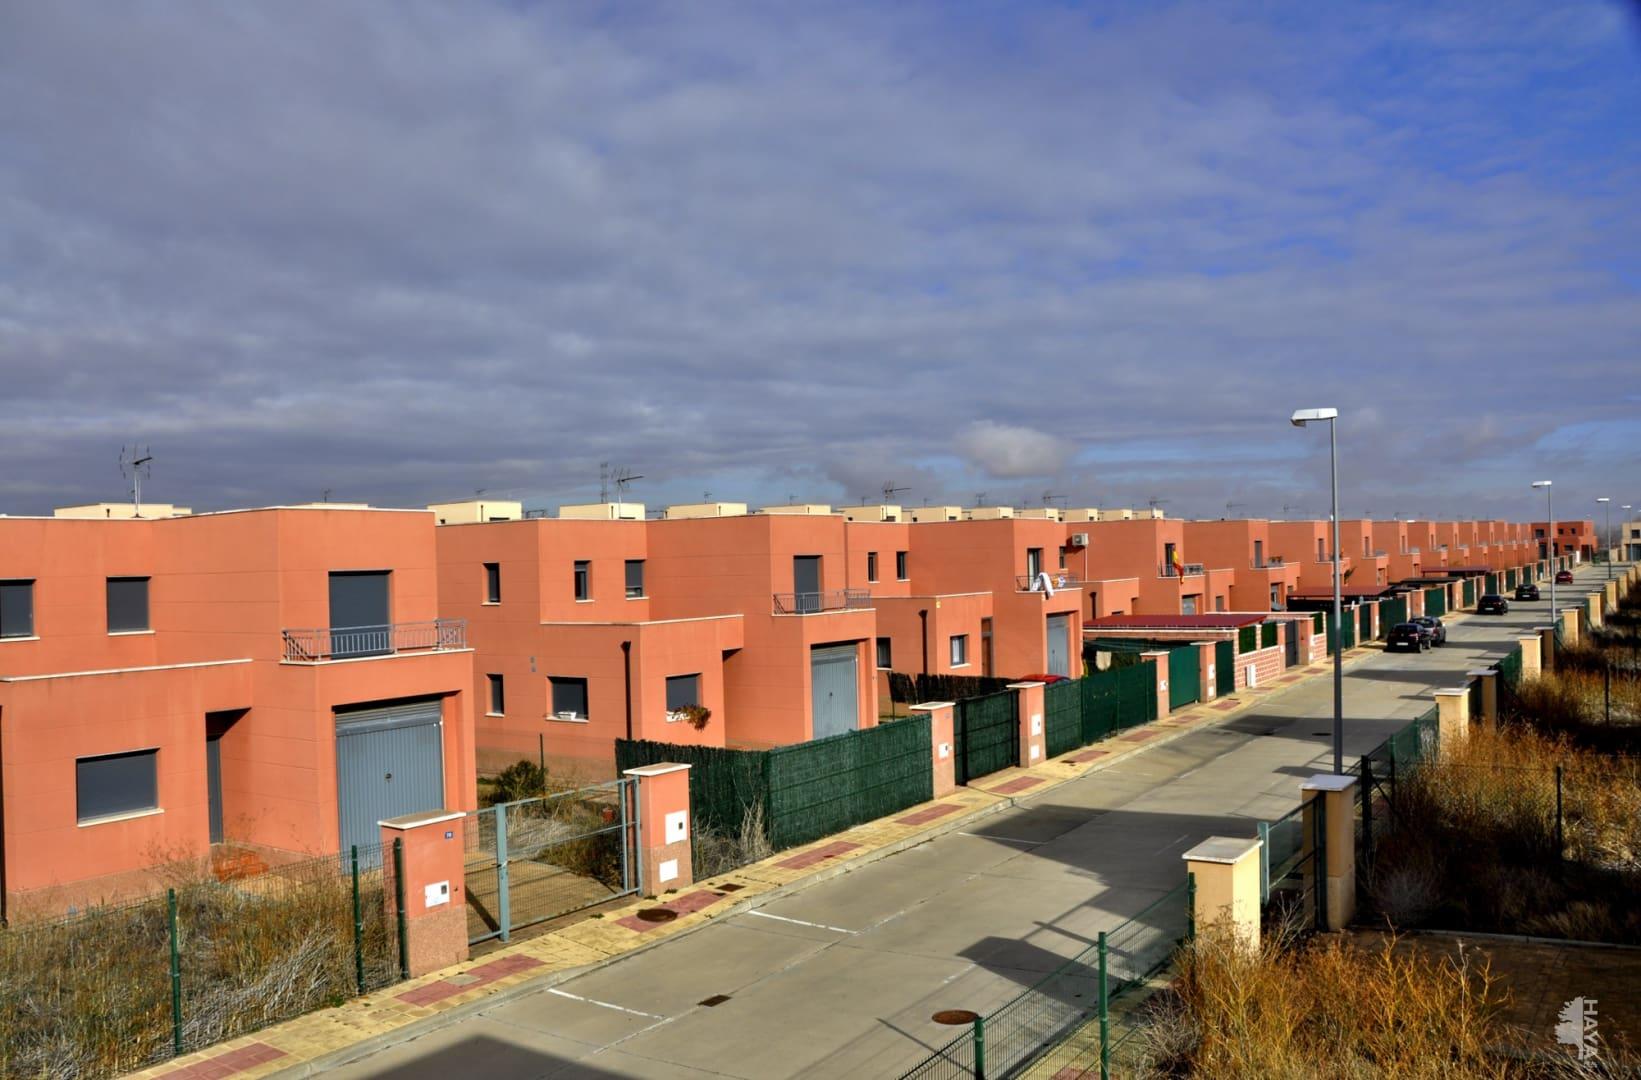 Casa en venta en Urbanización El Palomar, Grijota, Palencia, Urbanización El Tiento, 121.250 €, 3 habitaciones, 2 baños, 236 m2